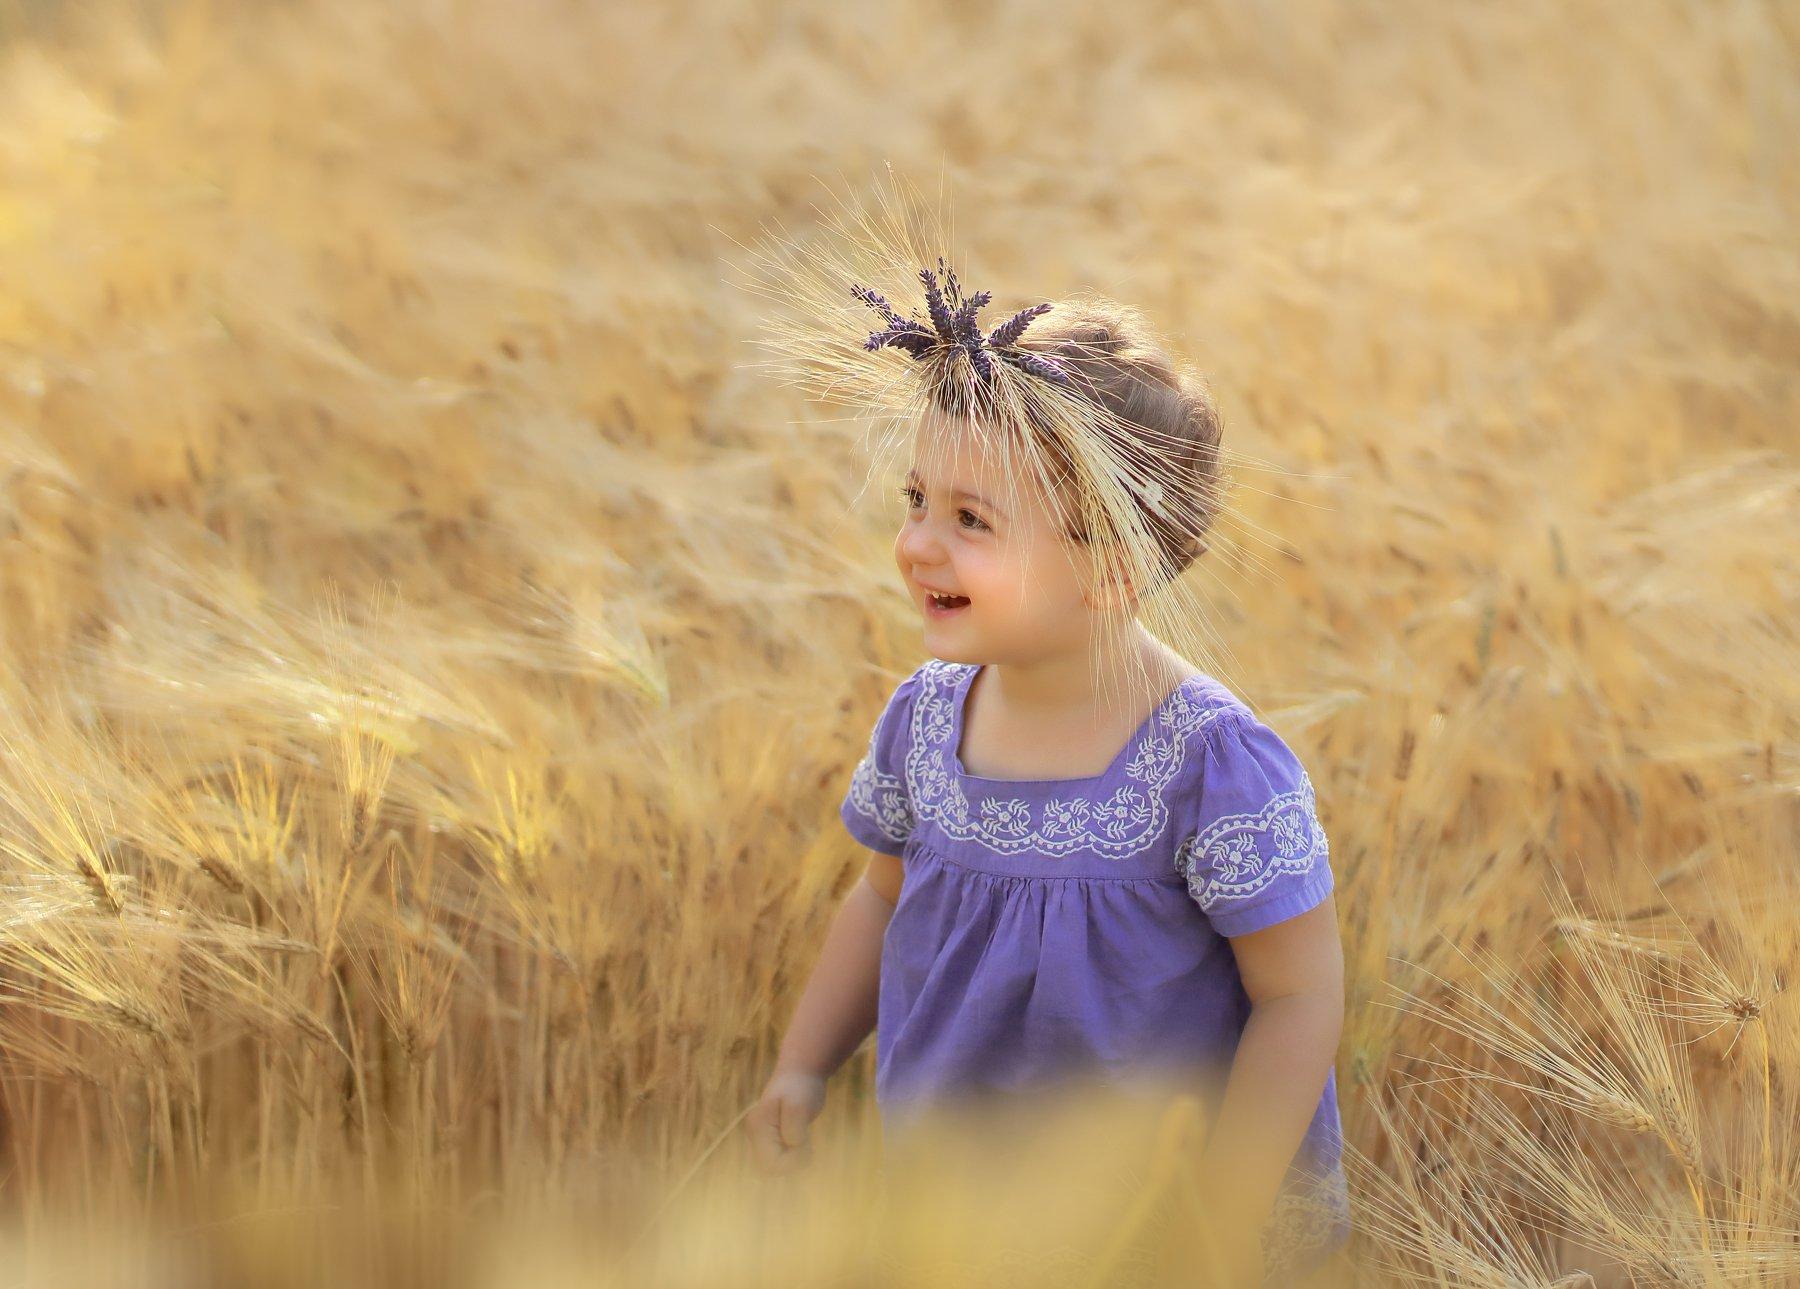 дети, поле, лето, рожь, детство, Irina Welker